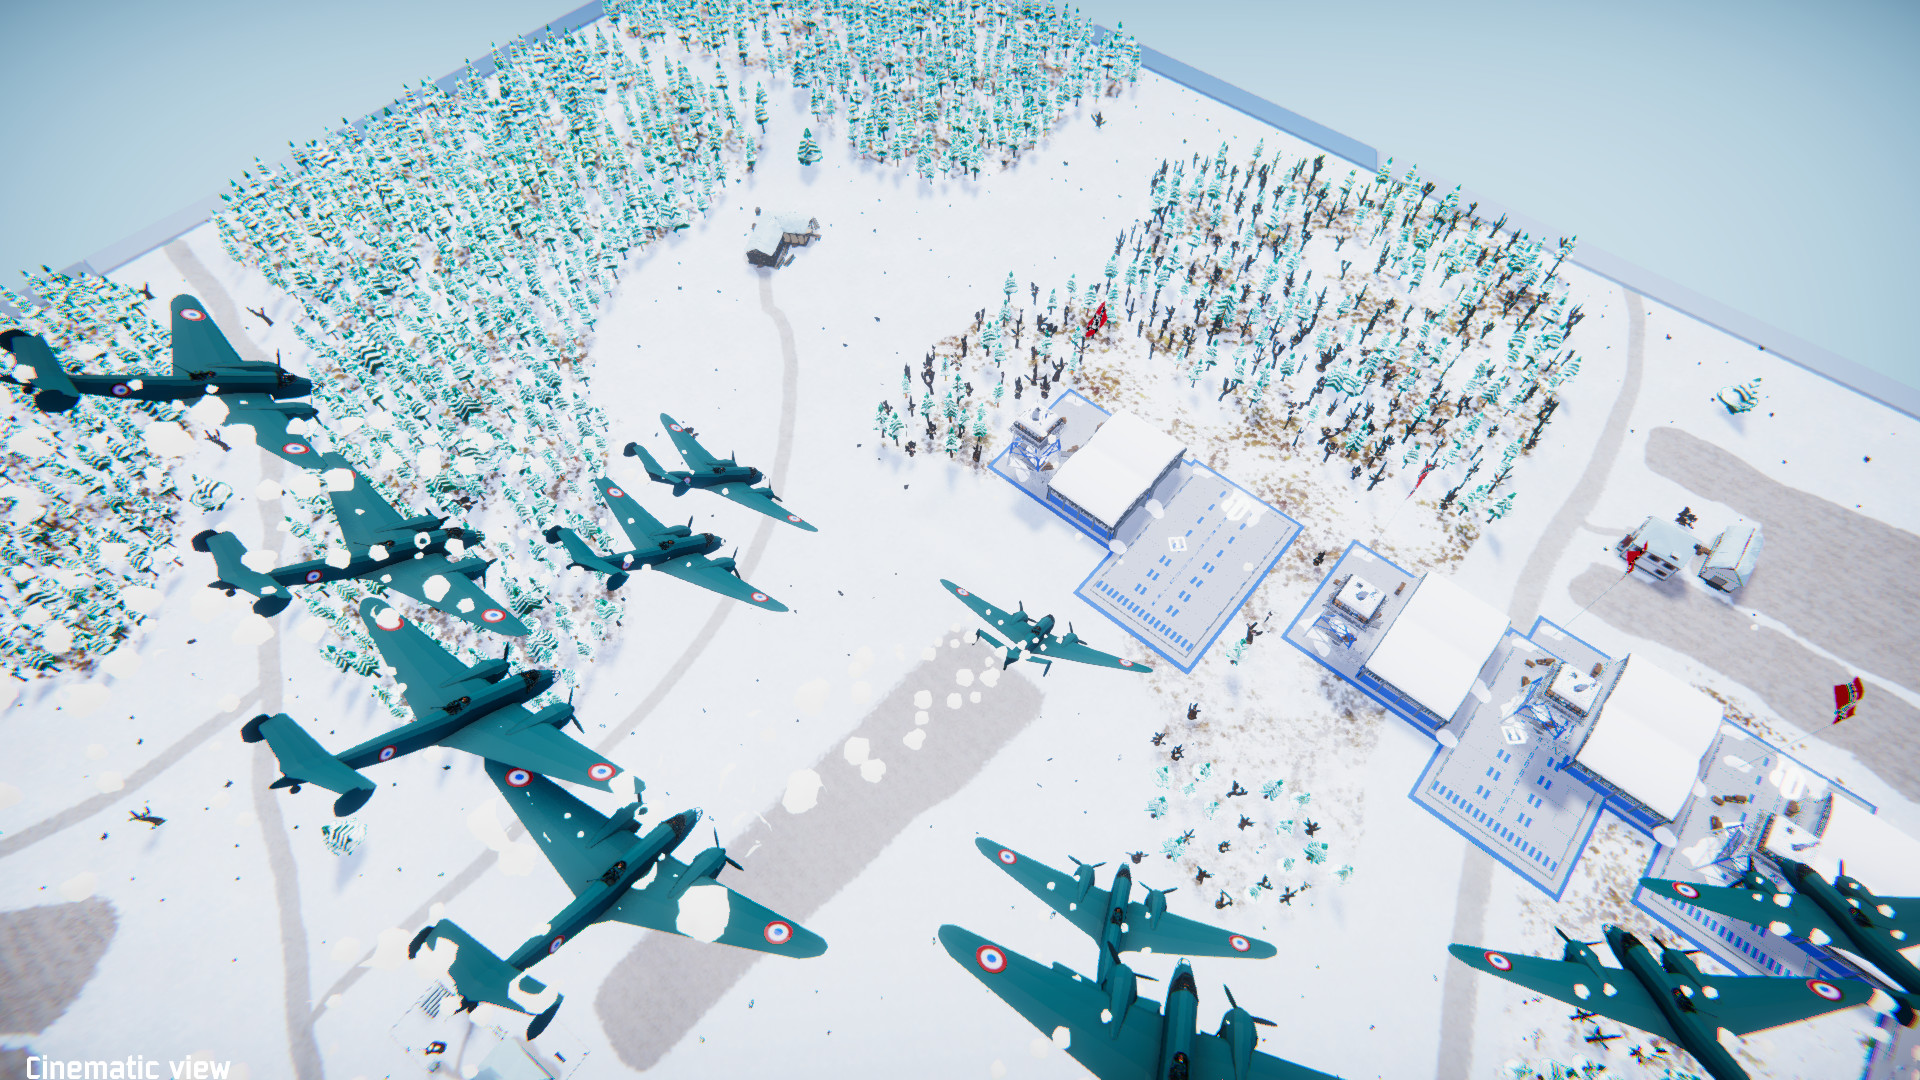 另类二战游戏《全面坦克模拟器》获STEAM特别好评